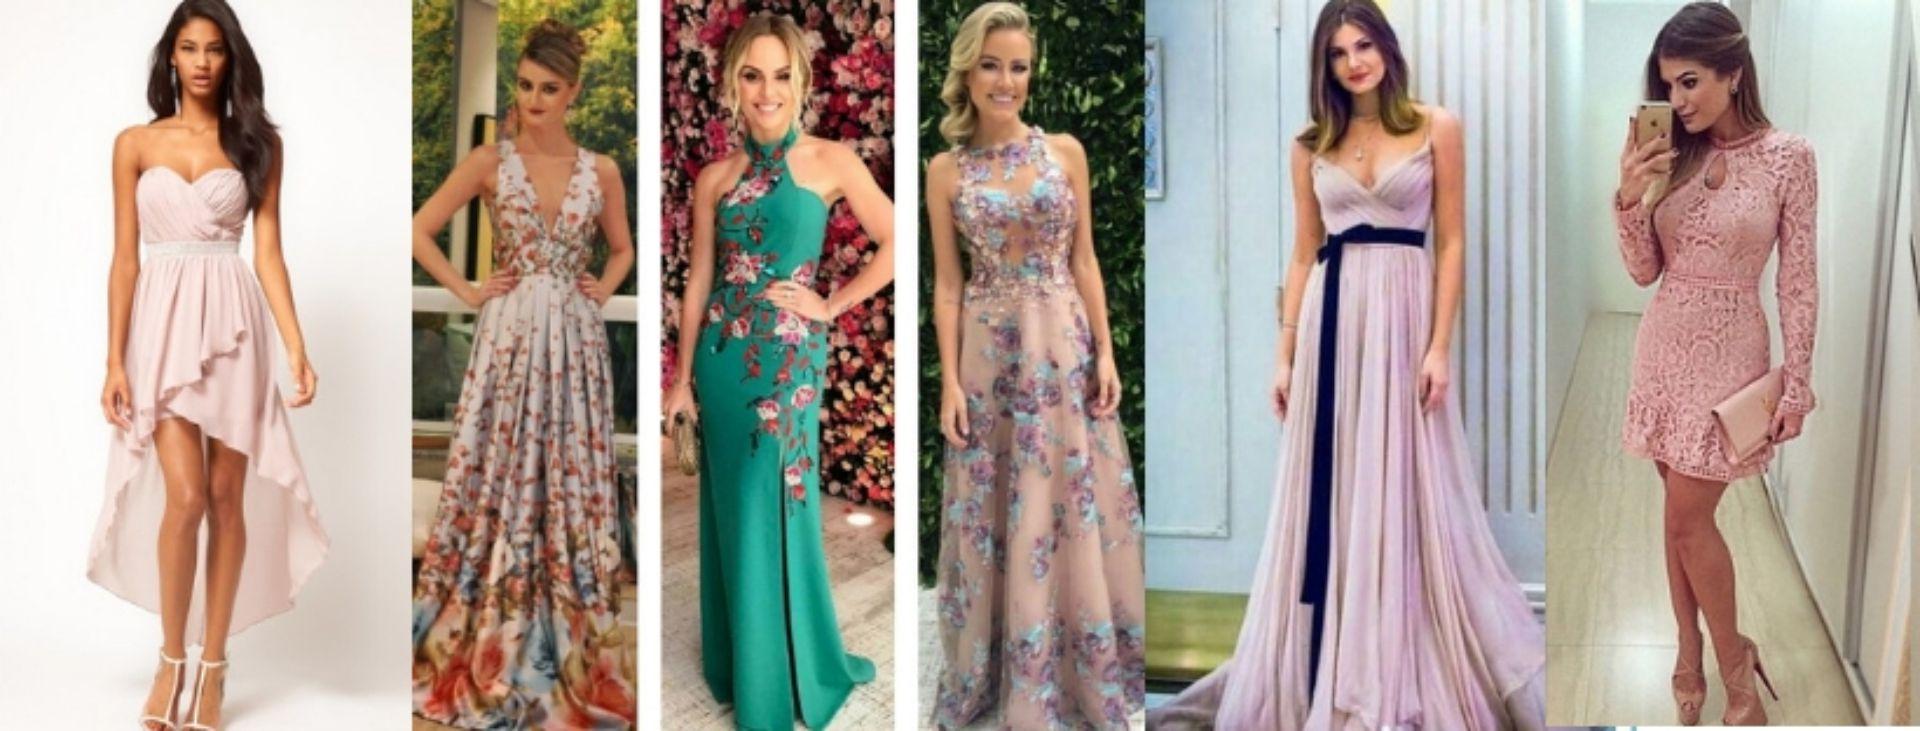 d2d24063e1 Look madrinha  qual modelo de vestido escolher para um casamento de dia